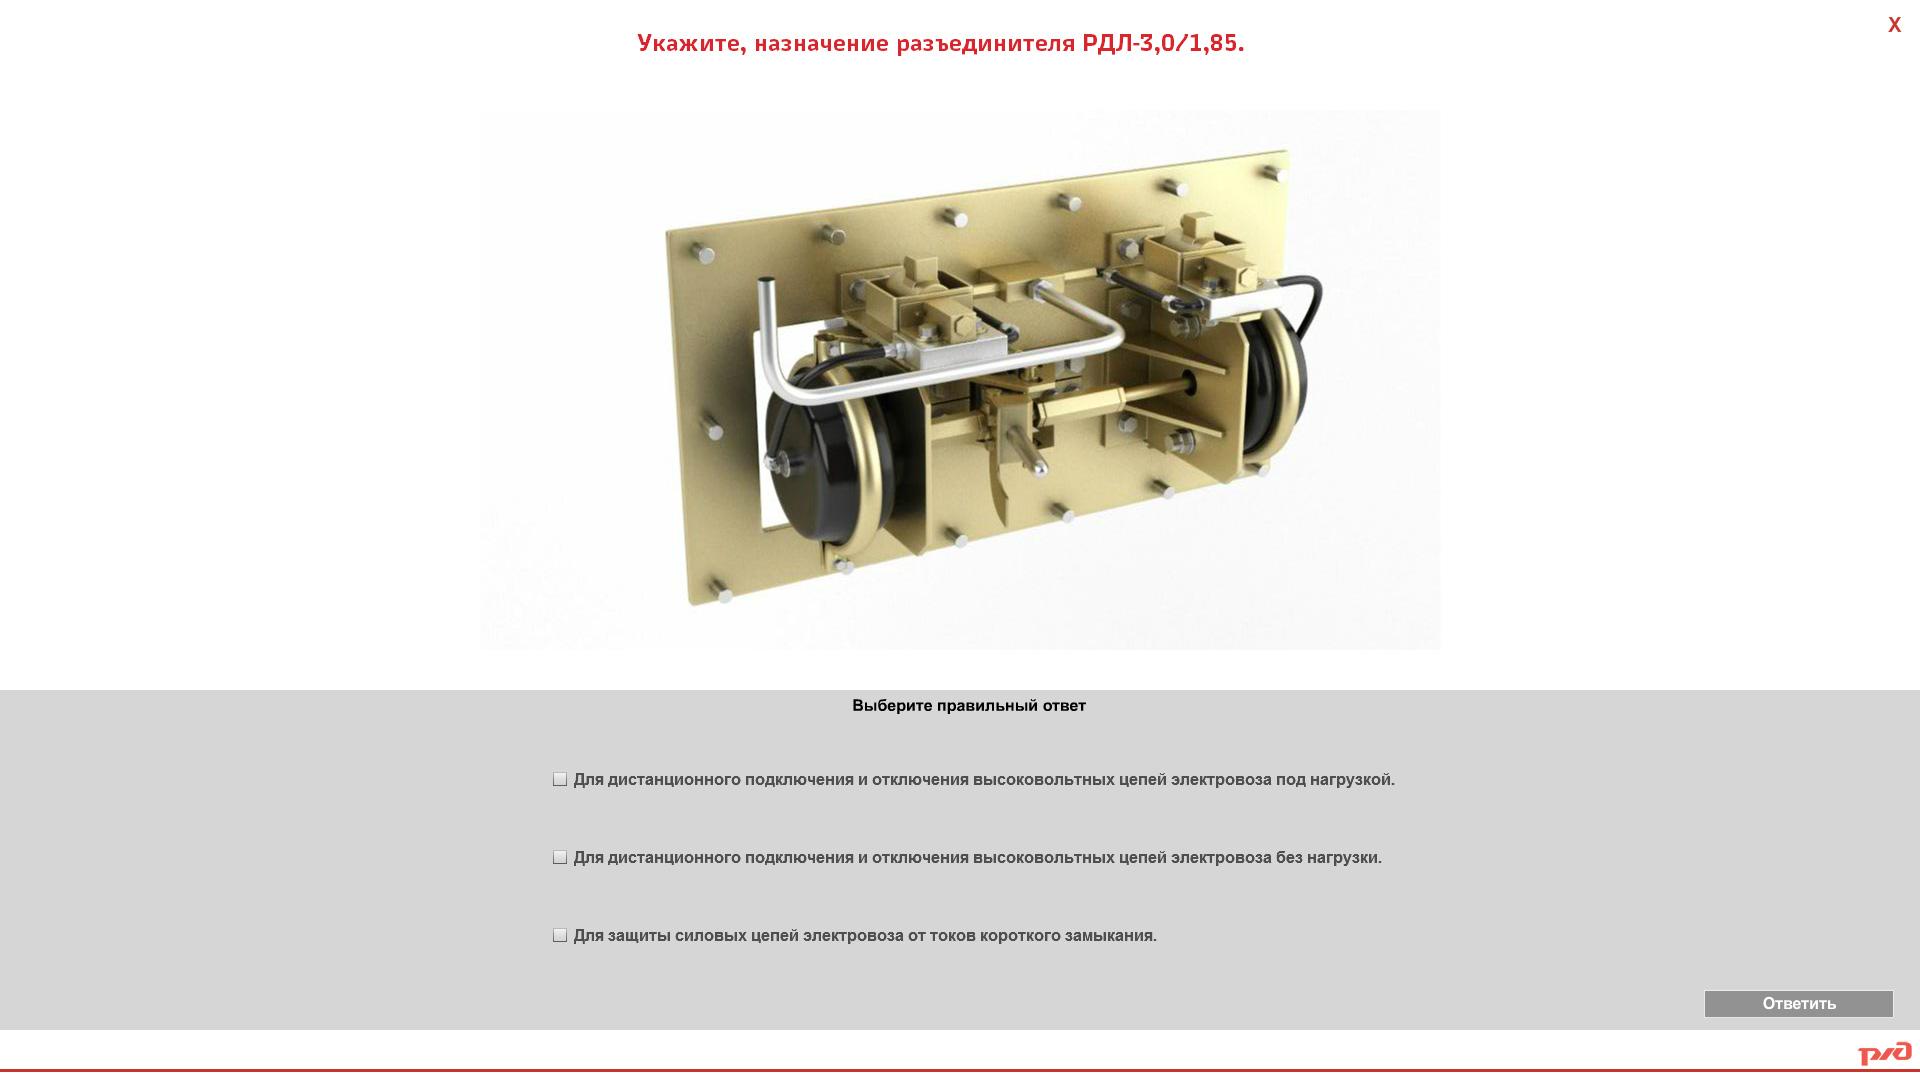 granit16 14 Электронный учебный комплекс «Устройство и основы эксплуатации электровозов нового поколения 2ЭС10 «Гранит»